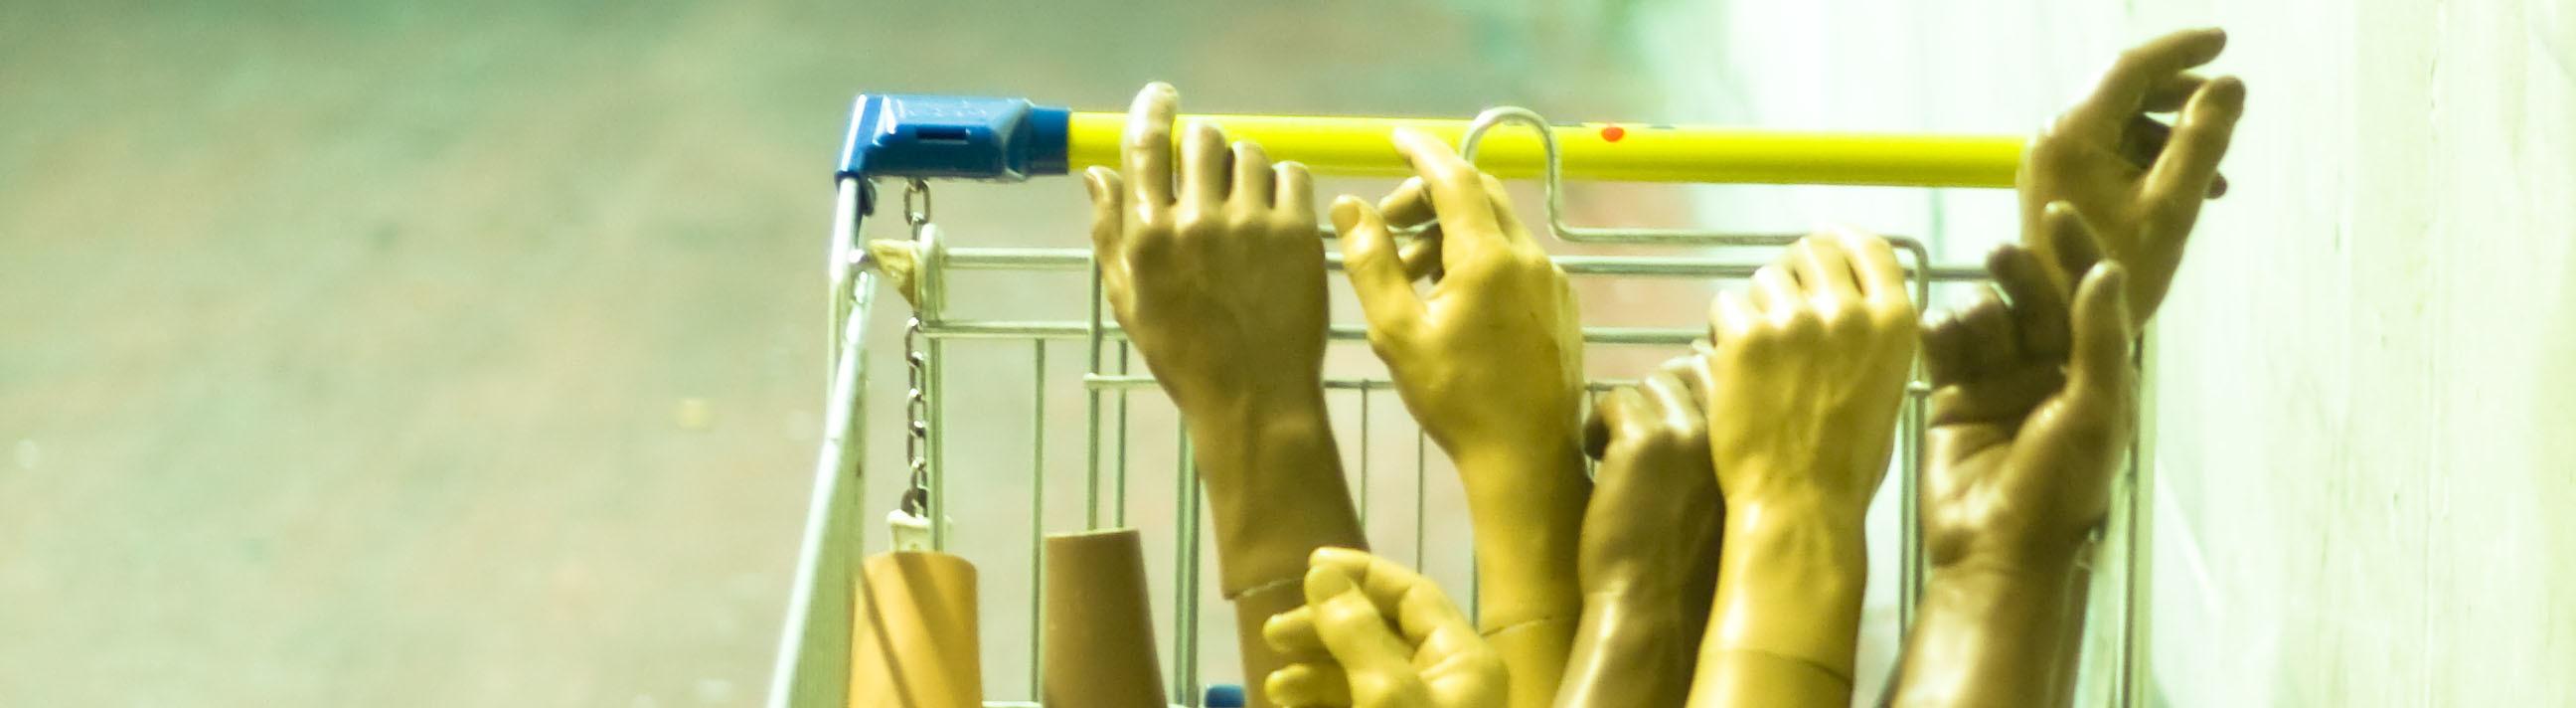 Hände und Unterarme von Schaufensterpuppen in einem Einkaufswagen